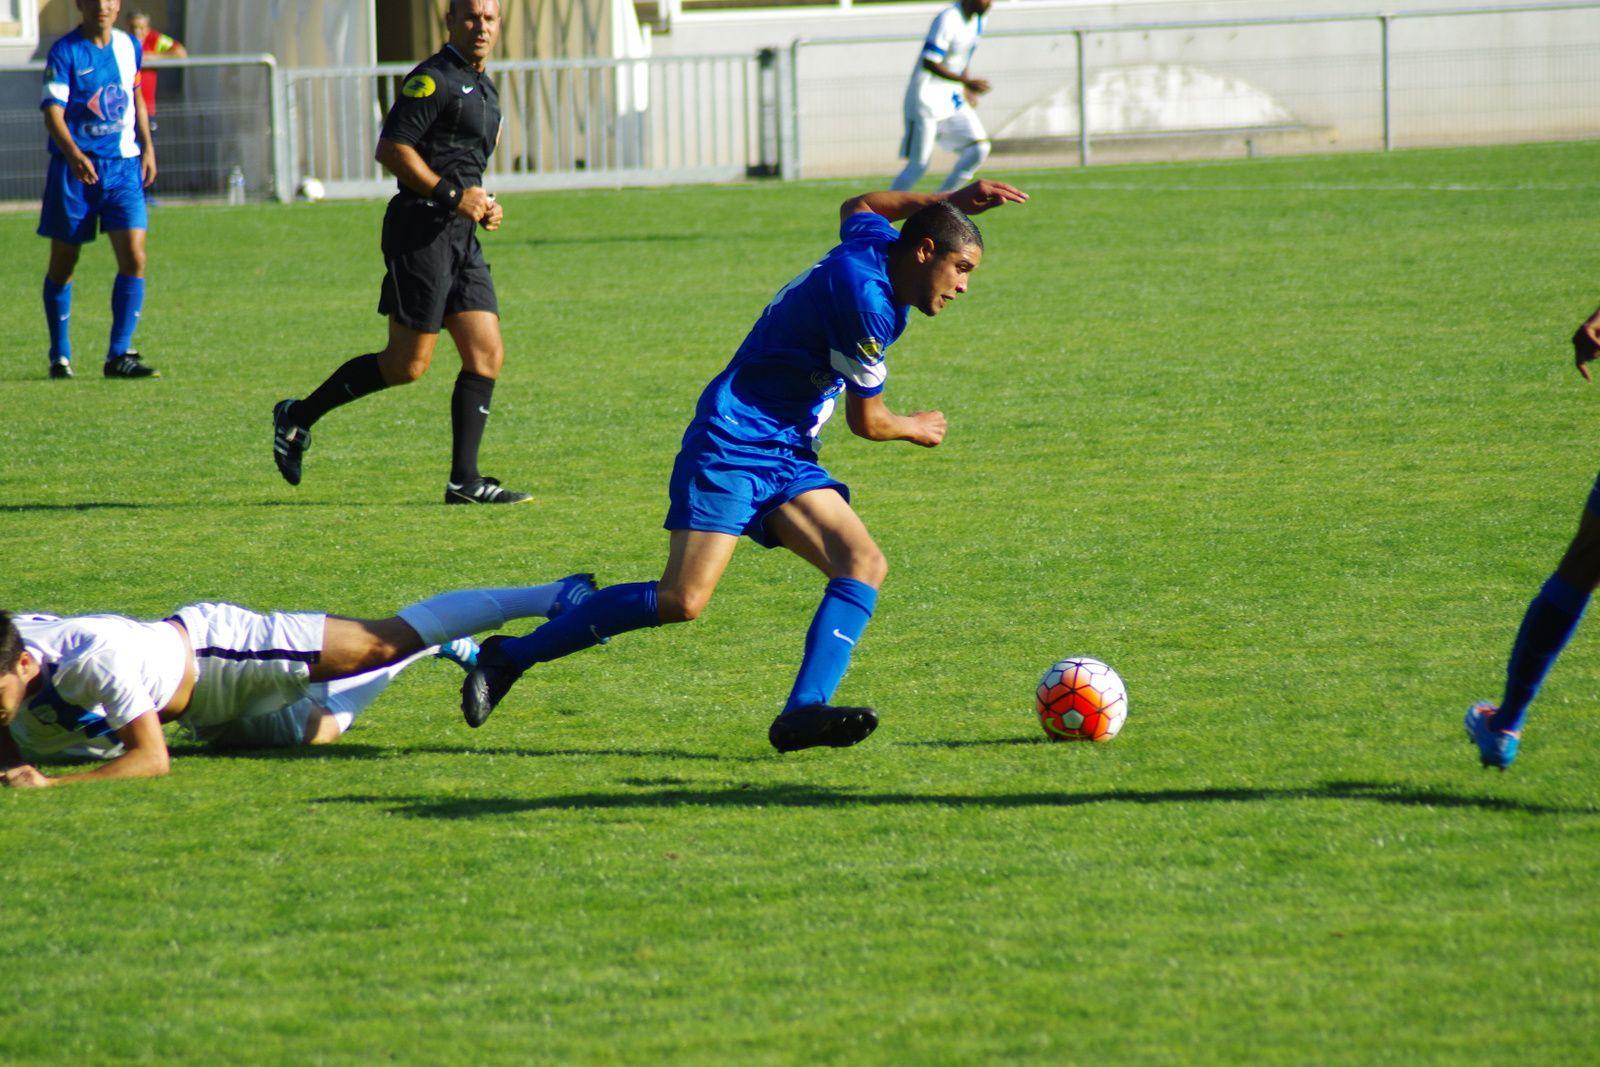 L'AS Vénissieux Minguettes aura affiché des valeurs qui lui permette malgré la défaite de croire en ses chances pour la suite du championnat